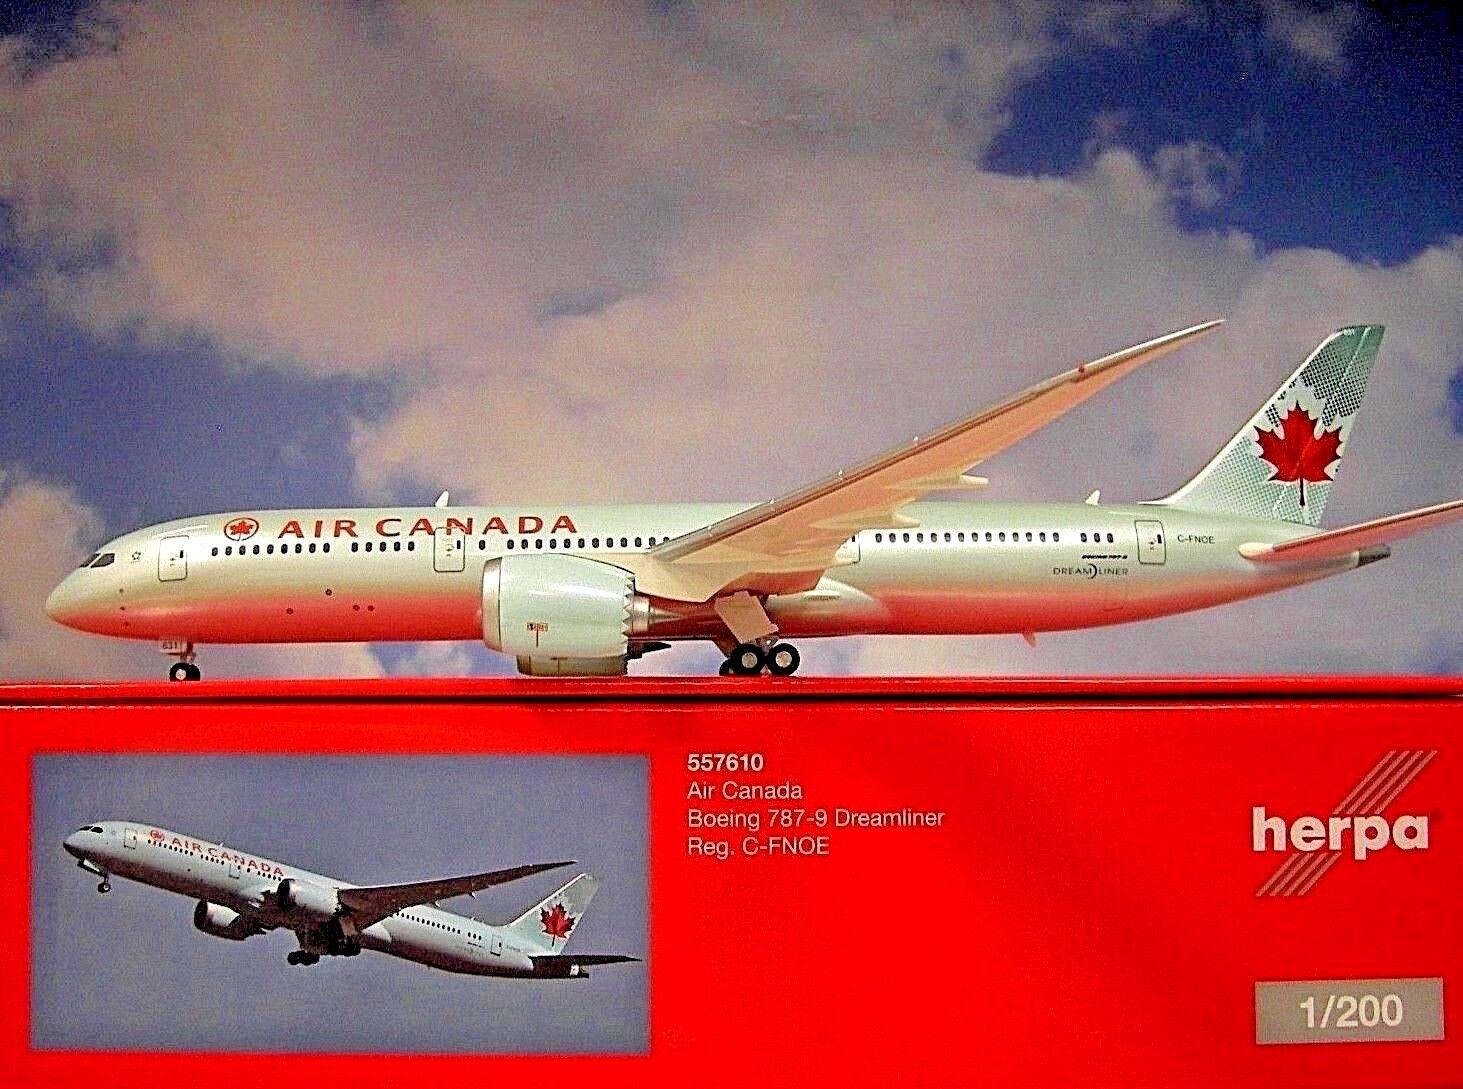 Herpa Ali 1:200 Boeing 787-9 Dreamliner Air Canada C-Fnoe 557610